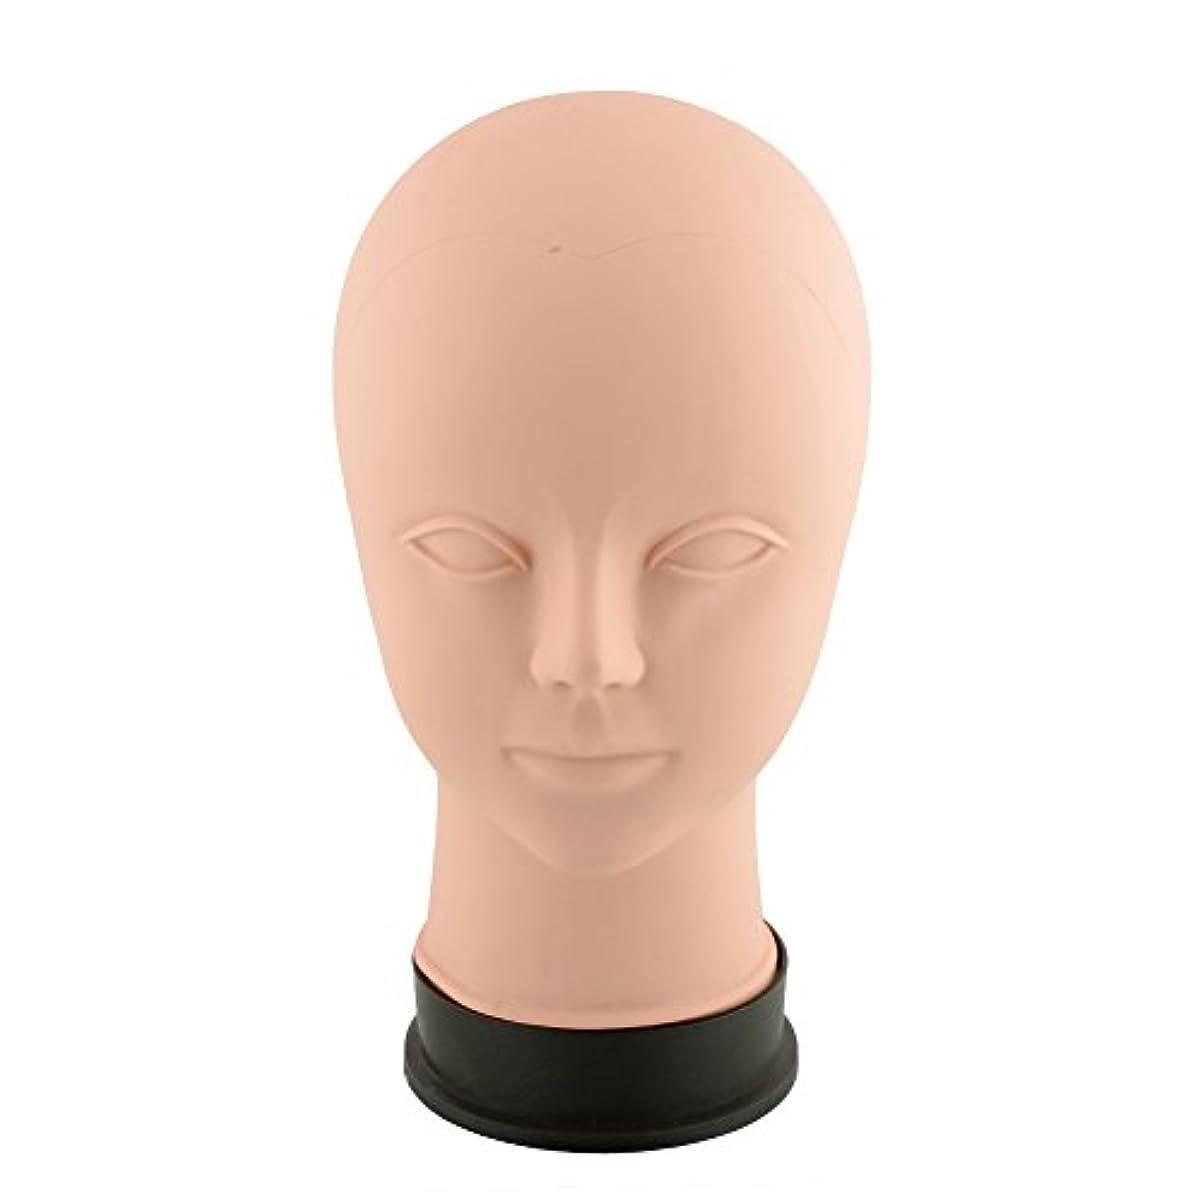 出身地球体あたりKicode ビューティートレーニング マネキンは練習をメイクアップ フラットヘッド瞳の偽まつげ マネキンマネキンヘッド